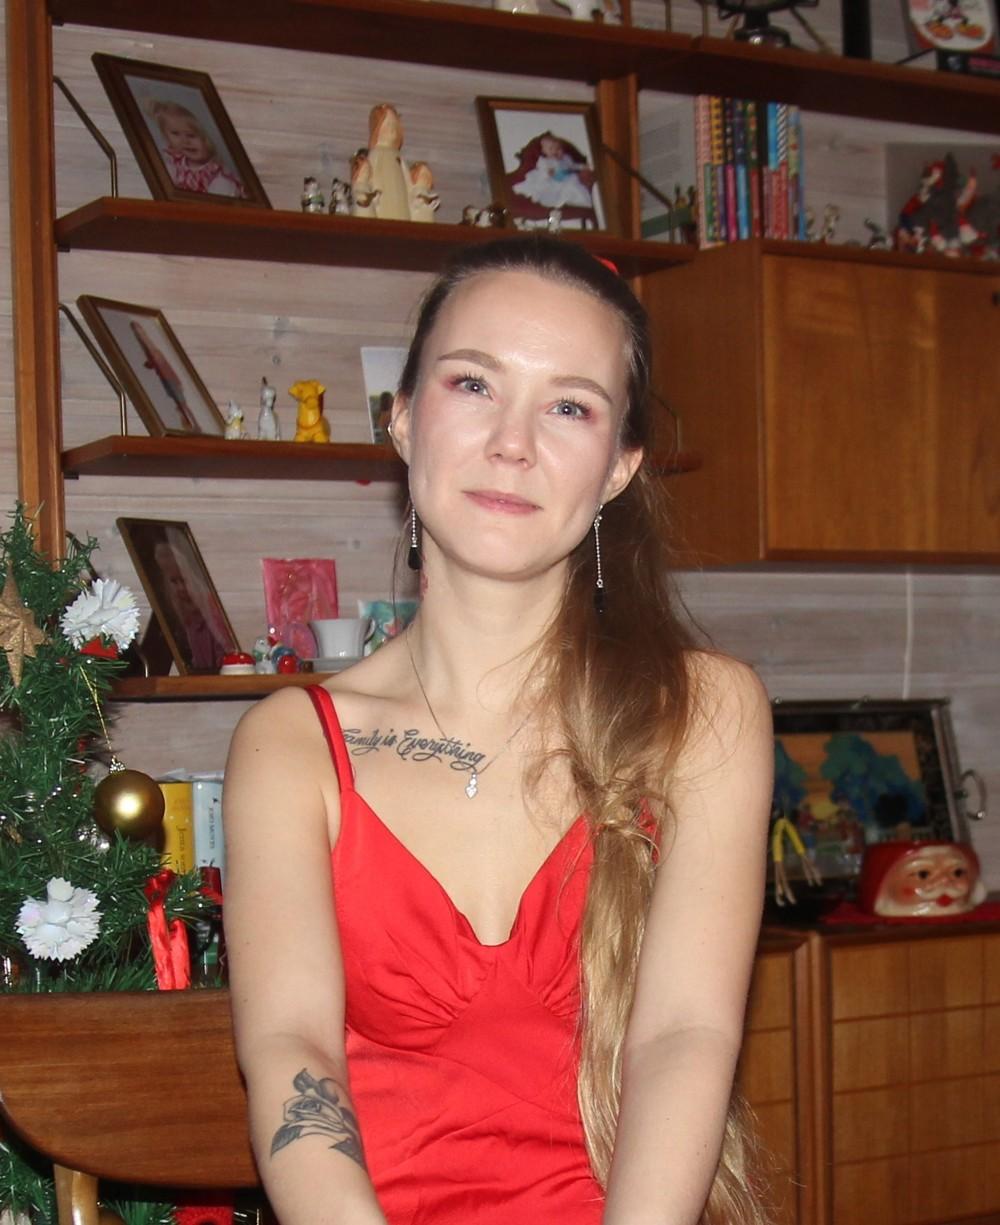 Juno M. L. Hanssen style=